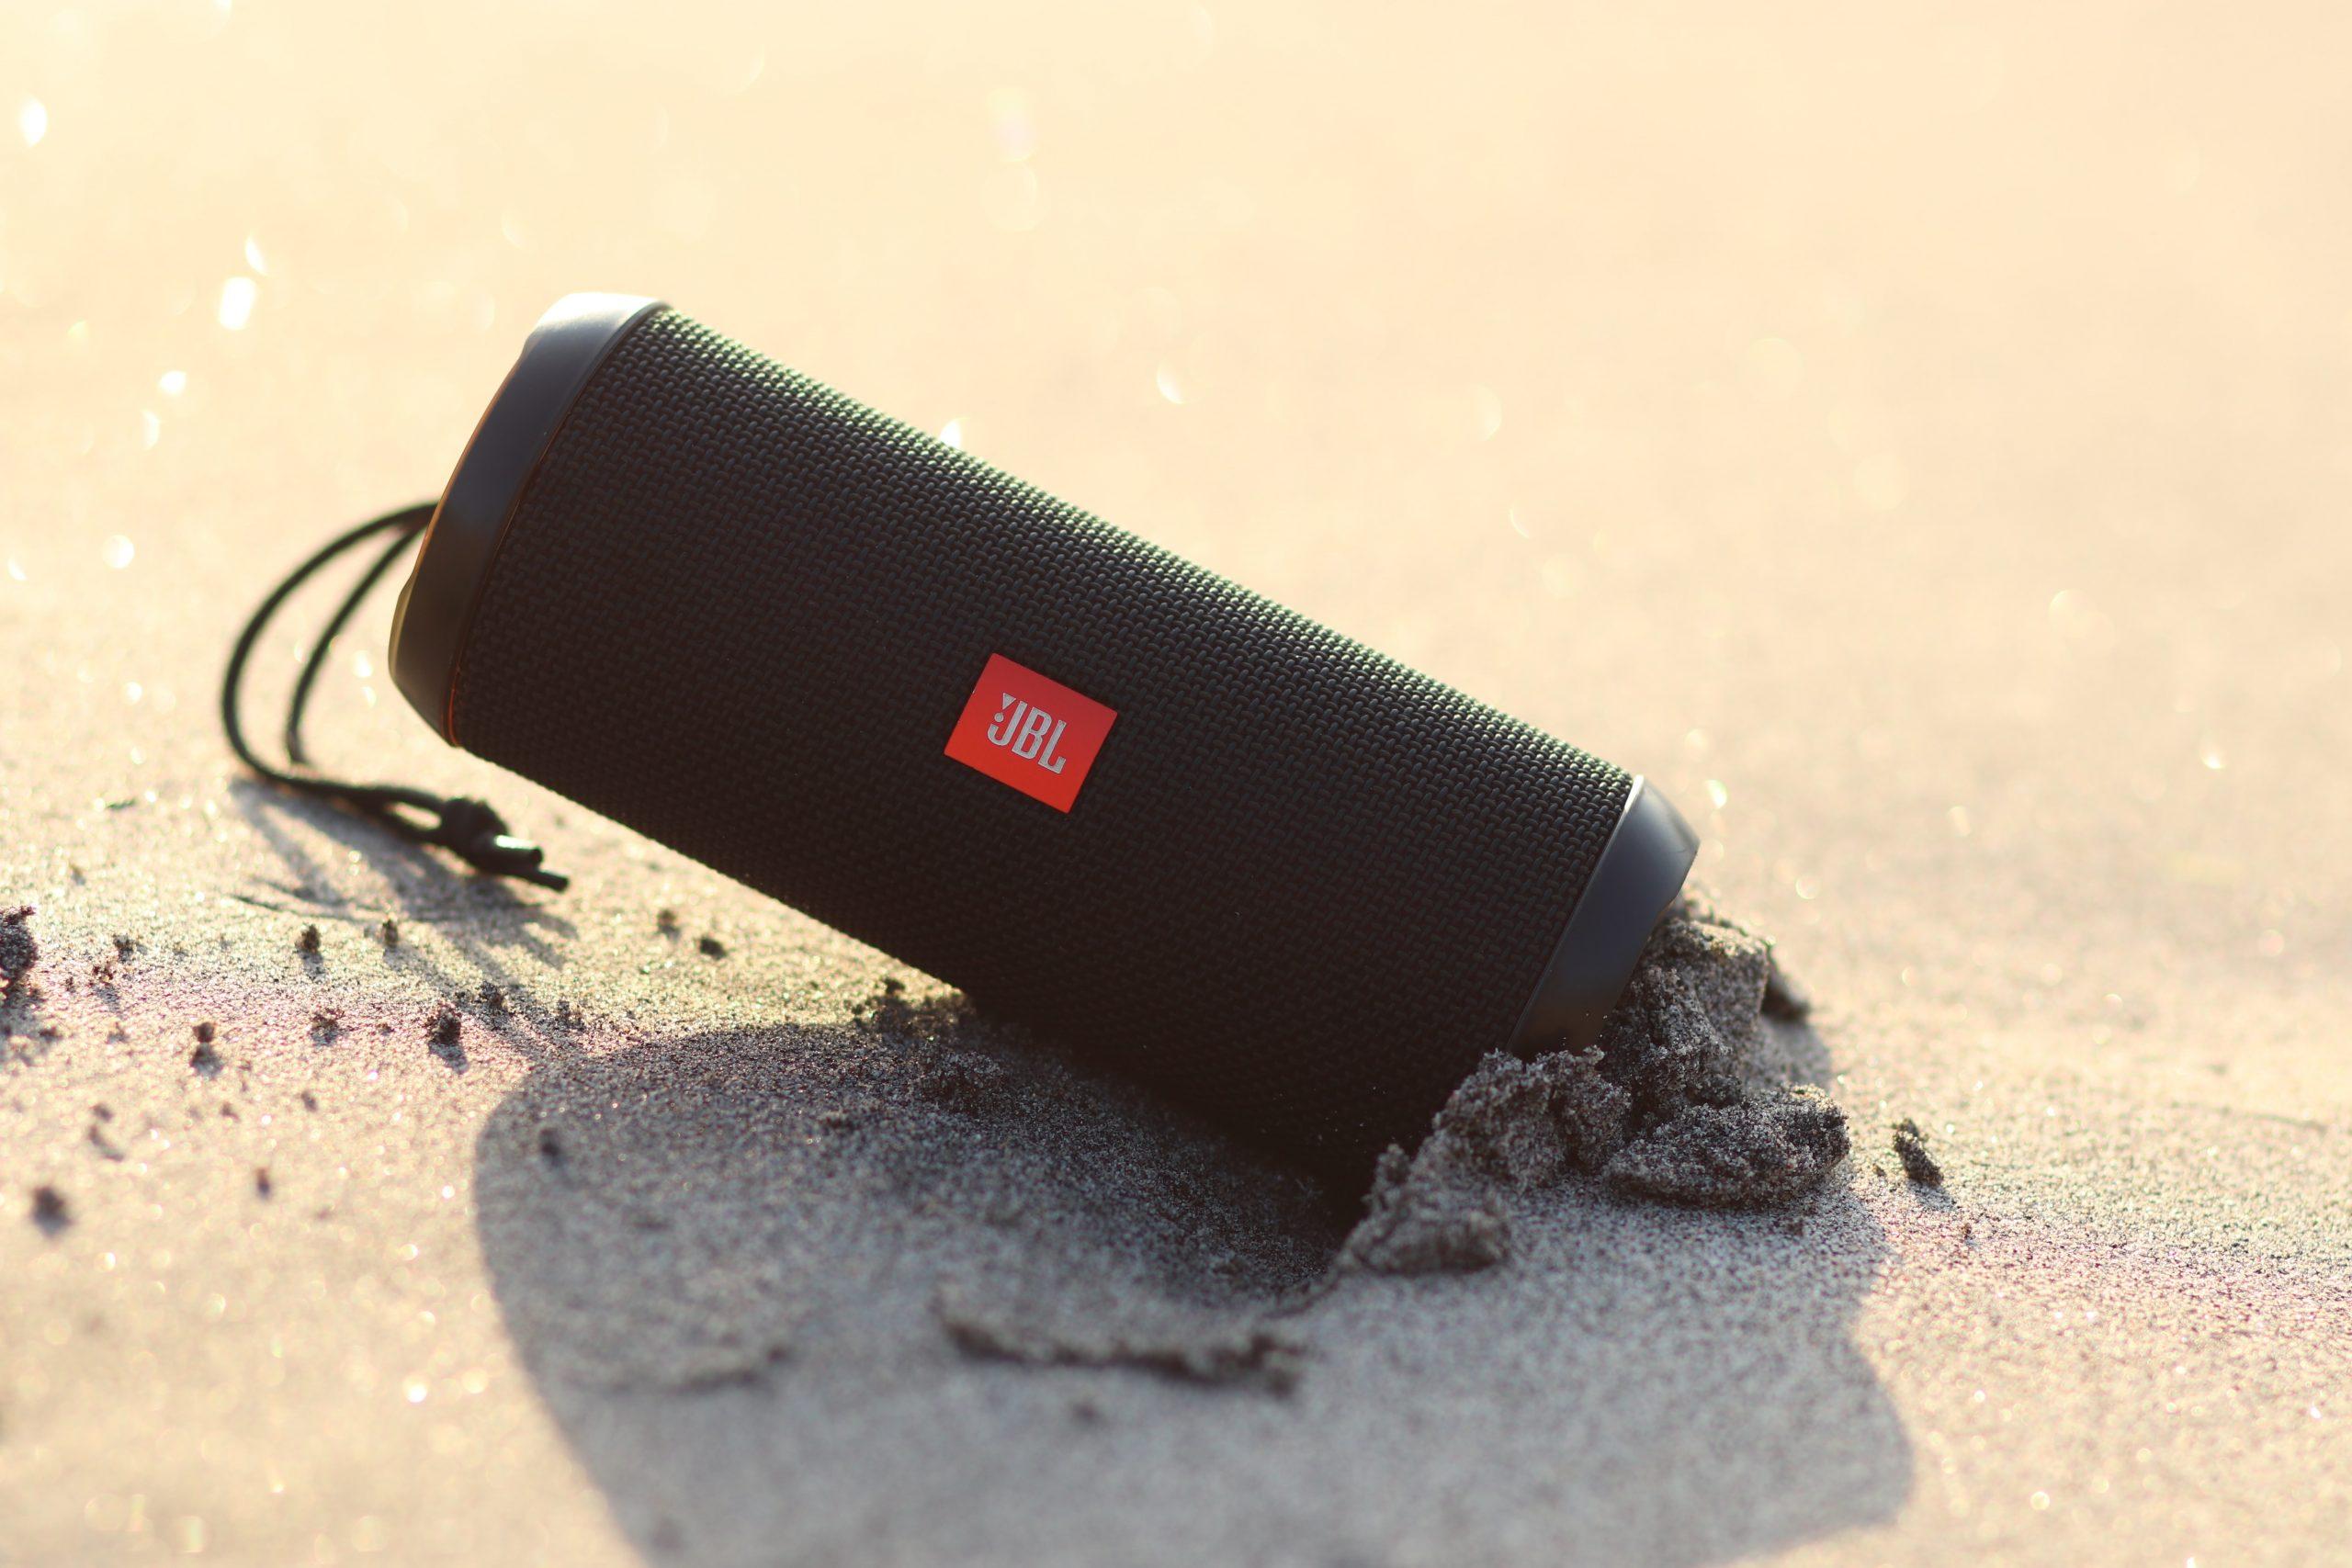 Imagem mostra uma caixa JBL semi-enterrada na areia.